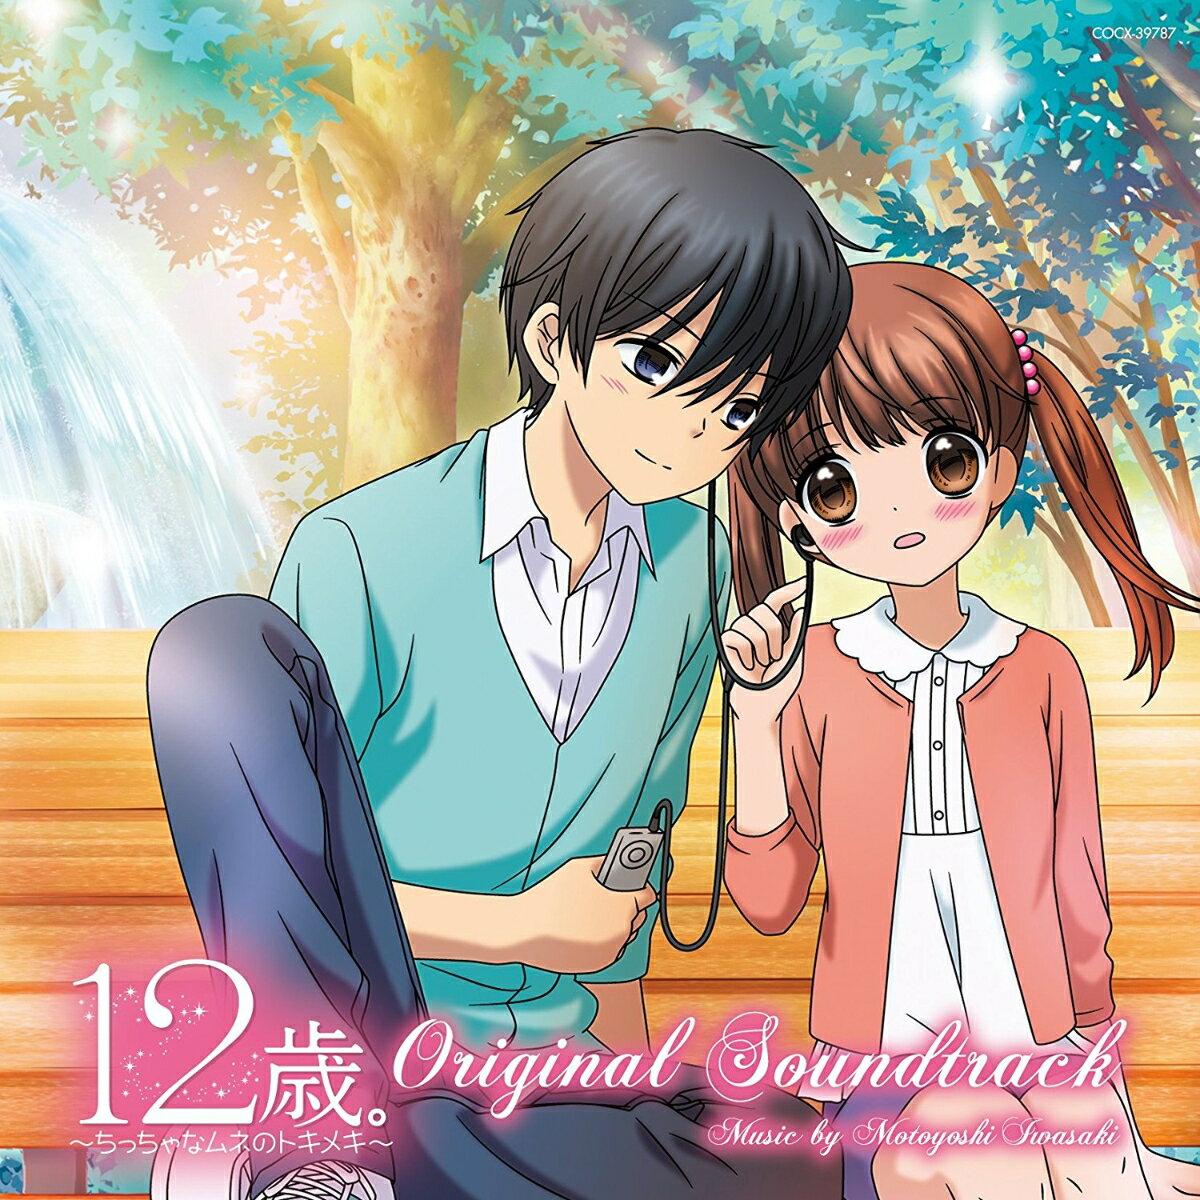 TVアニメ『12歳。〜ちっちゃなムネのトキメキ〜』オリジナル・サウンドトラック画像